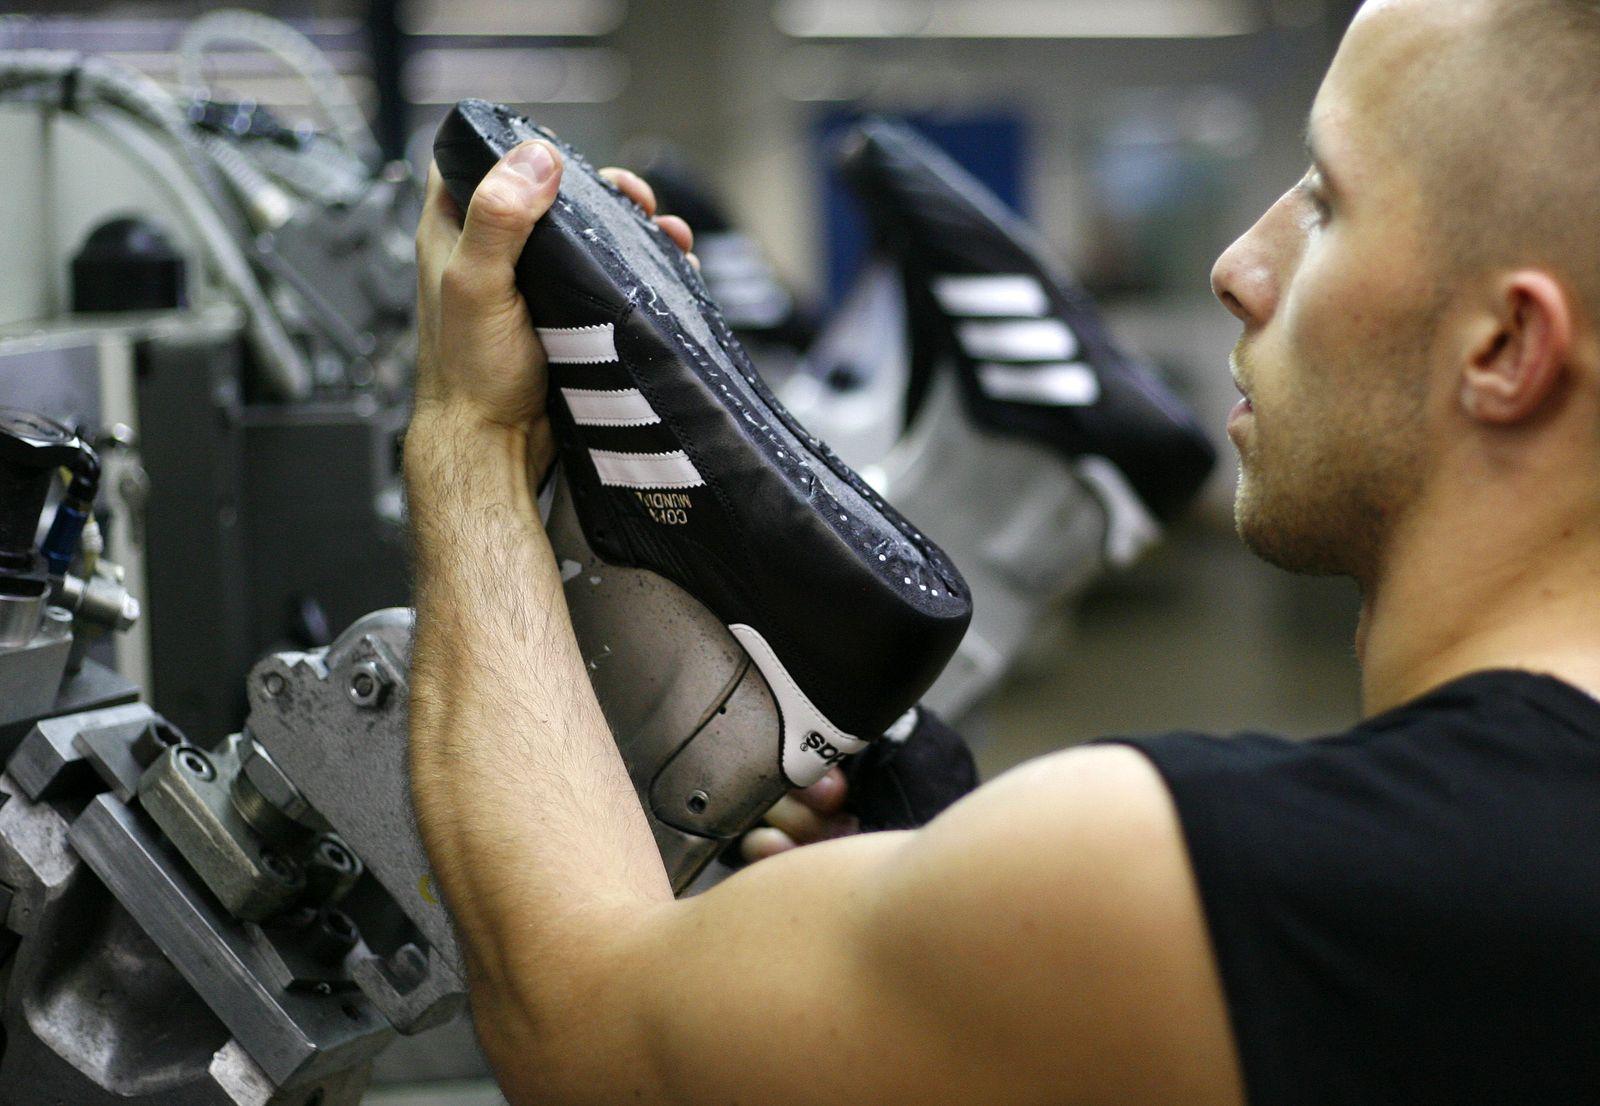 Adidas / Produktion / Scheinfeld Deutschland